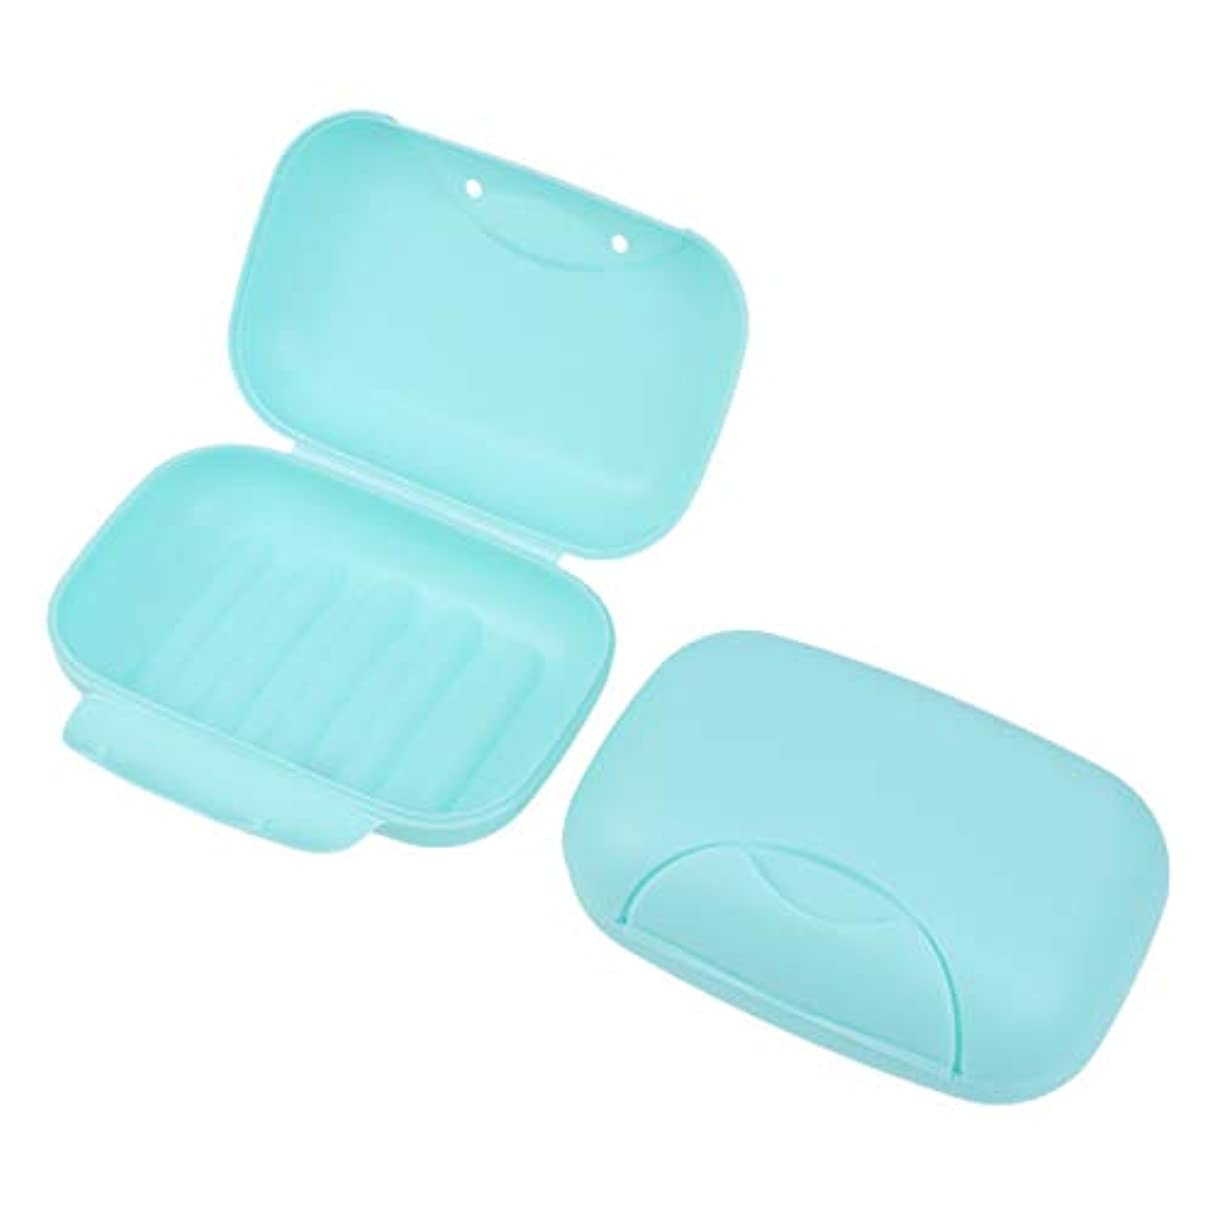 統計さびたシーンHealifty 旅行用ソープボックス防水石鹸皿ソープホルダー2個(青)